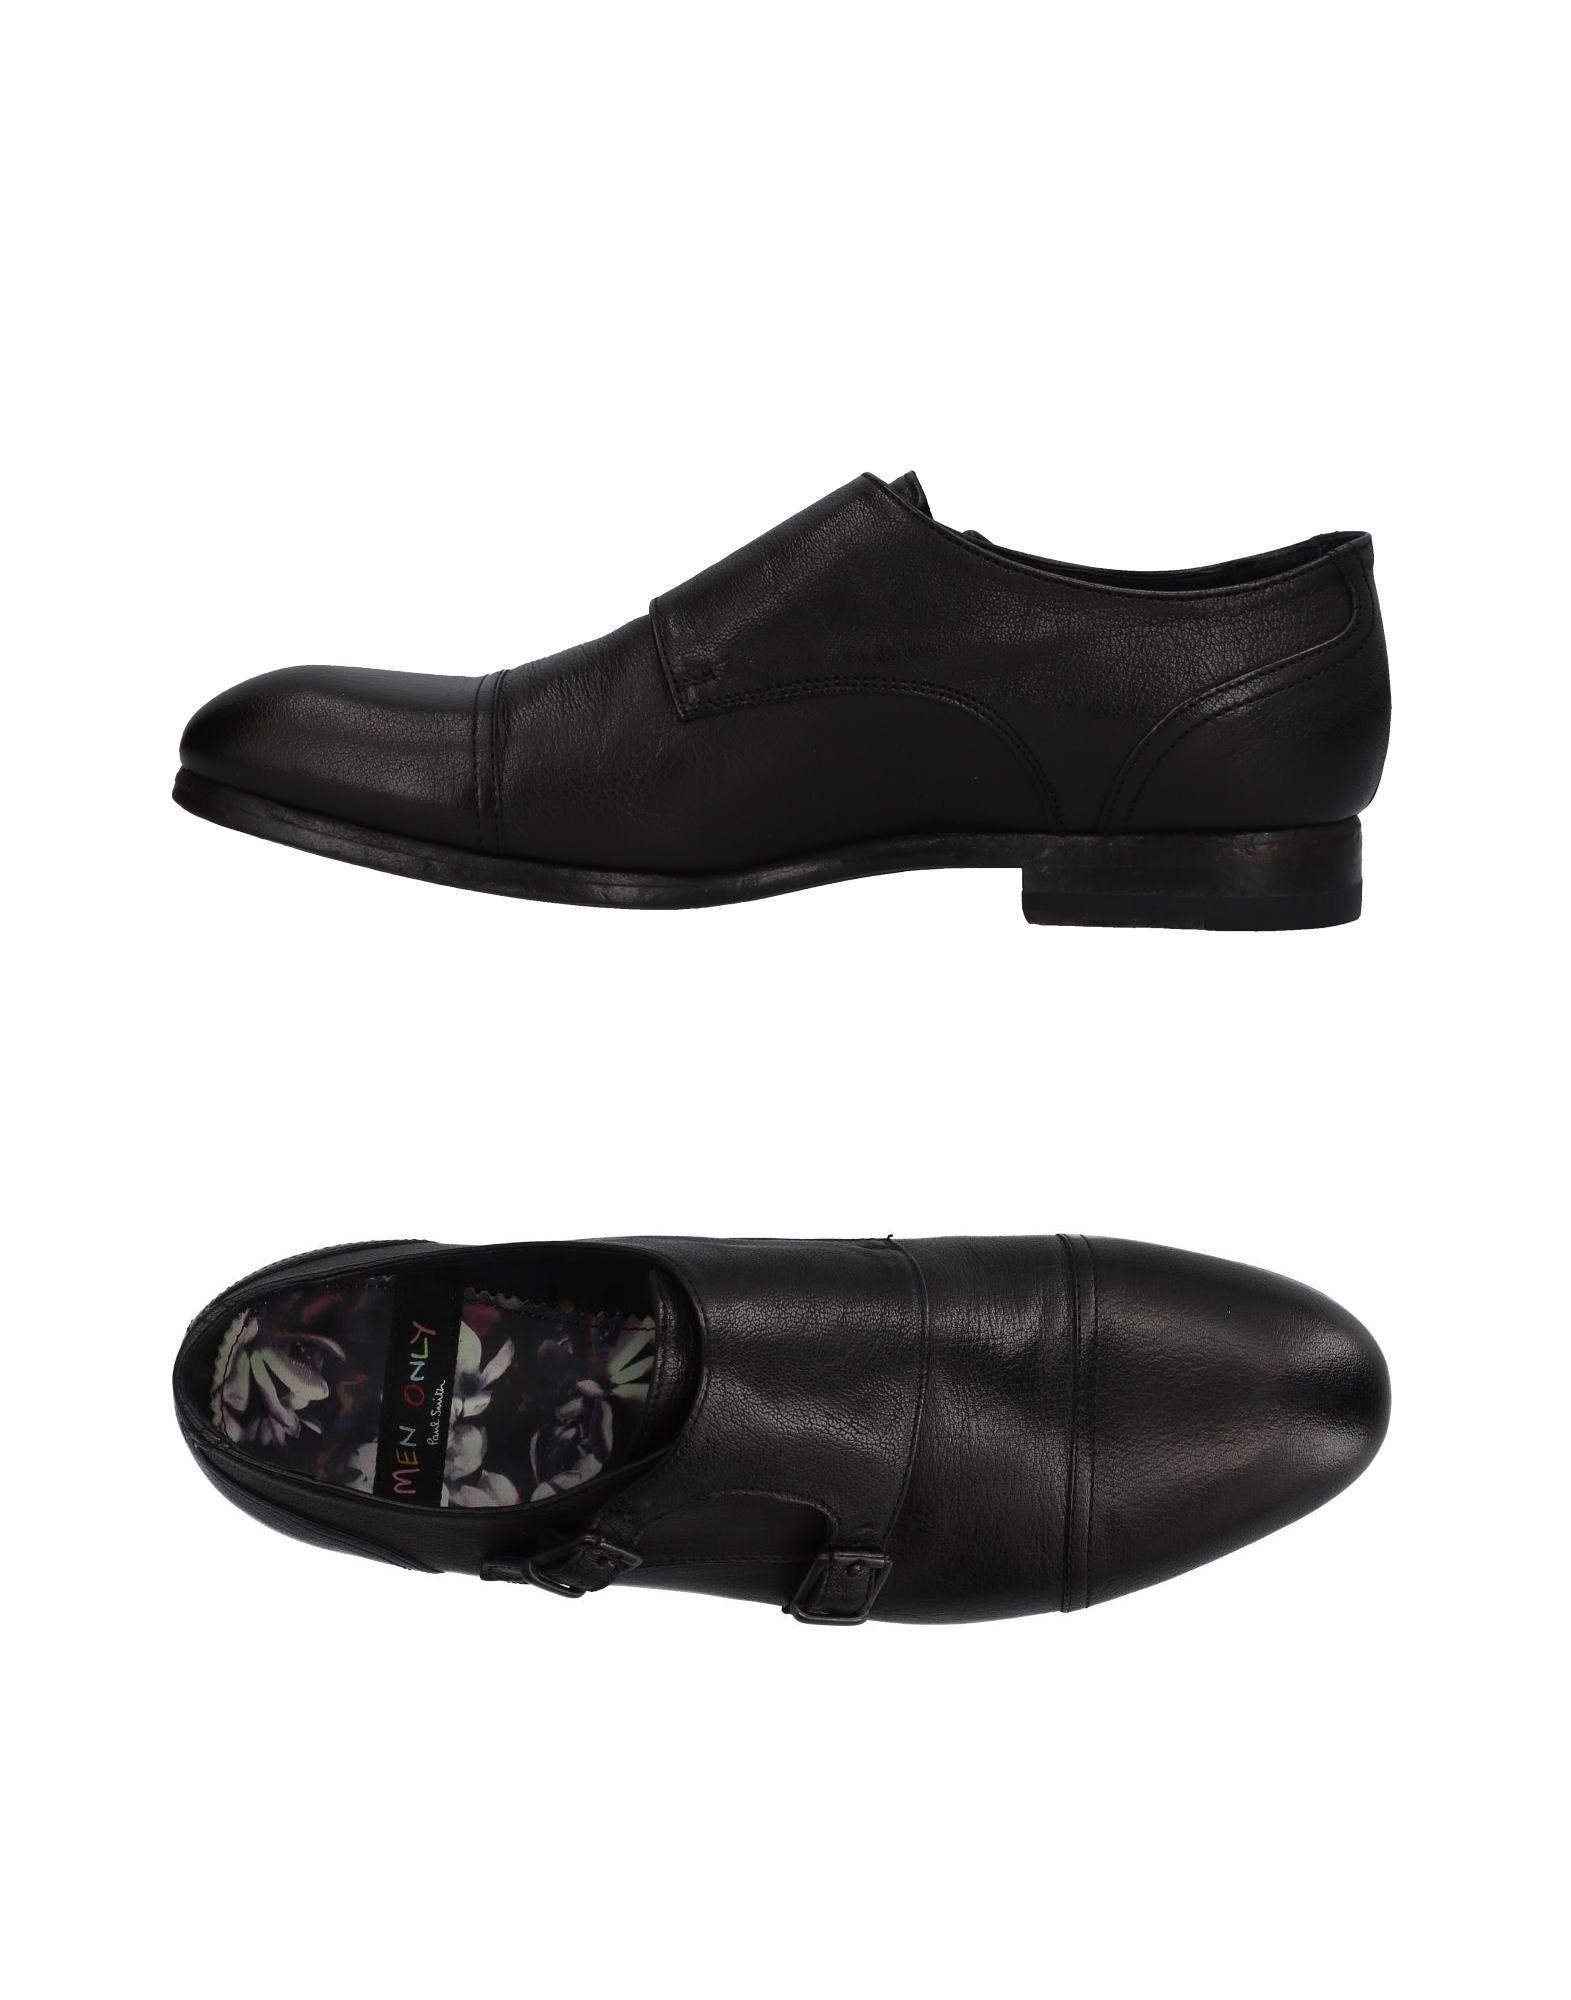 MEN ONLY PAUL SMITH Мокасины men only paul smith полусапоги и высокие ботинки